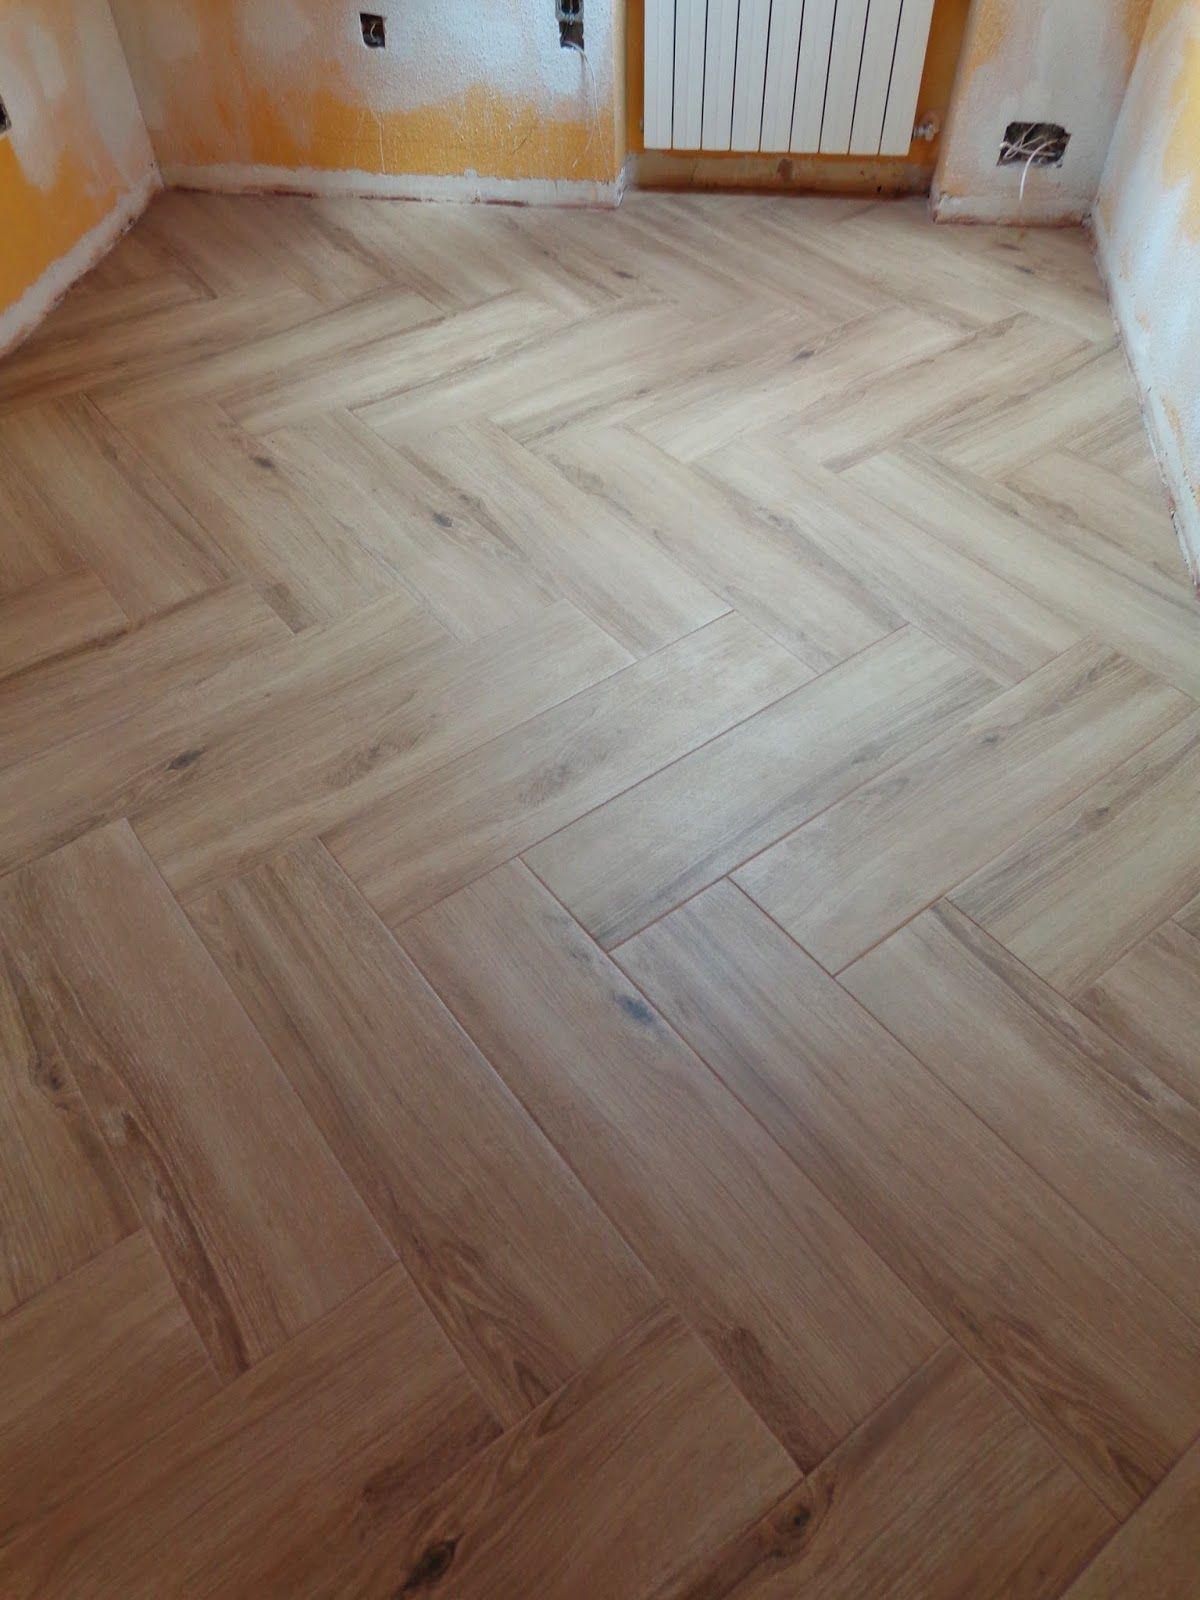 Baldosas sa suelos porcel nicos imitacion madera alicatados pinterest flooring wooden - Suelo imitacion parquet ...